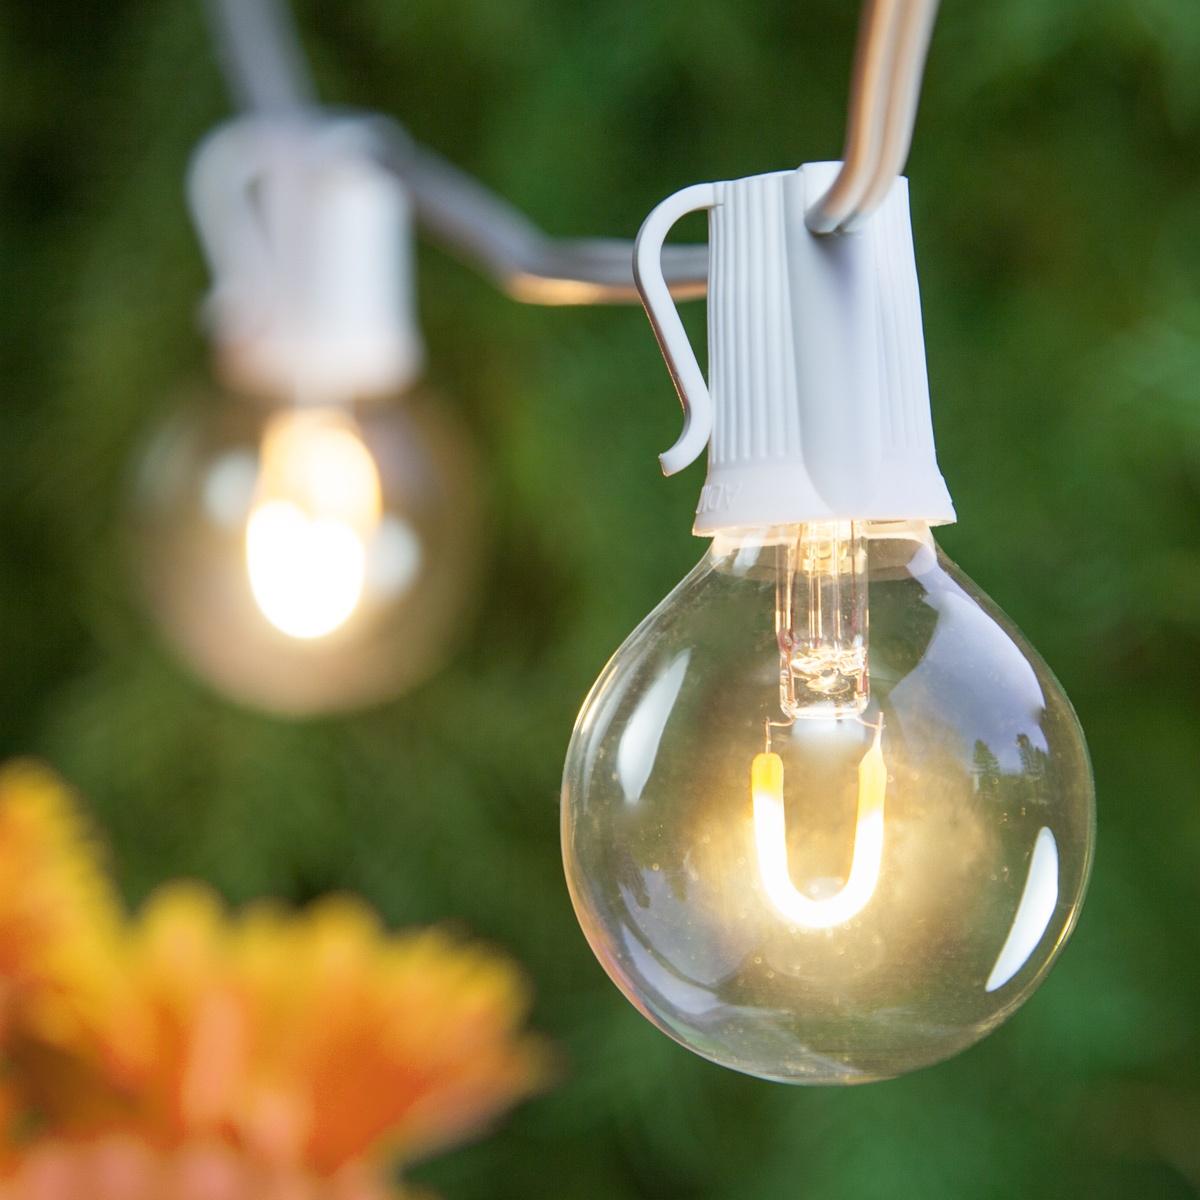 Patio Lights - Warm White LED Lights, 50 G50 E17 Bulbs ...